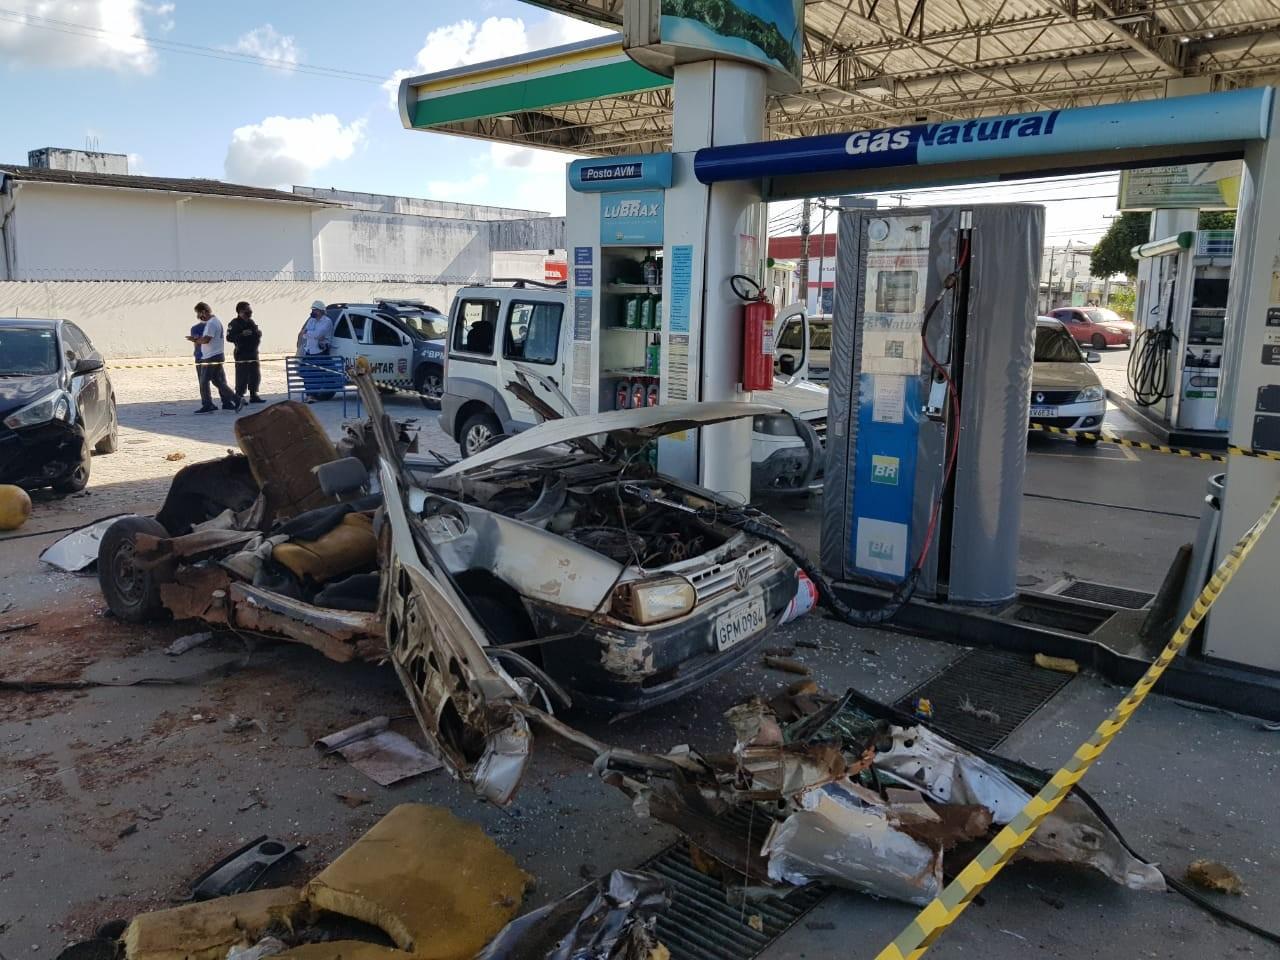 Carro a gás natural explode durante abastecimento; veja vídeo